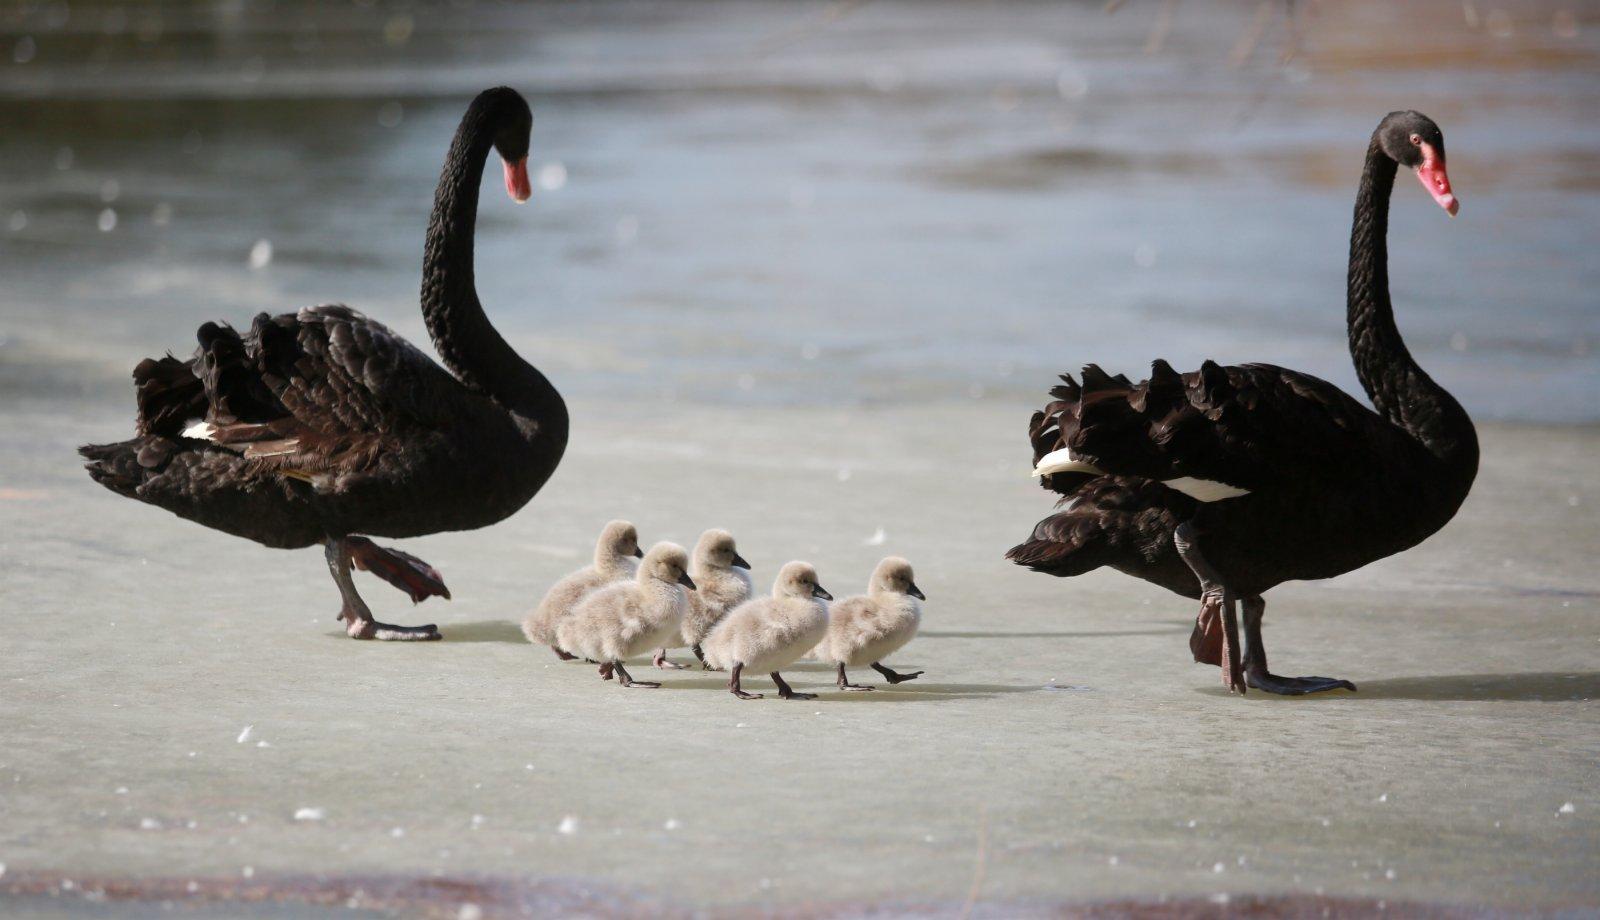 1月9日,江蘇揚州動物園湖面結冰,一對黑天鵝帶著小黑天鵝在黑天鵝。